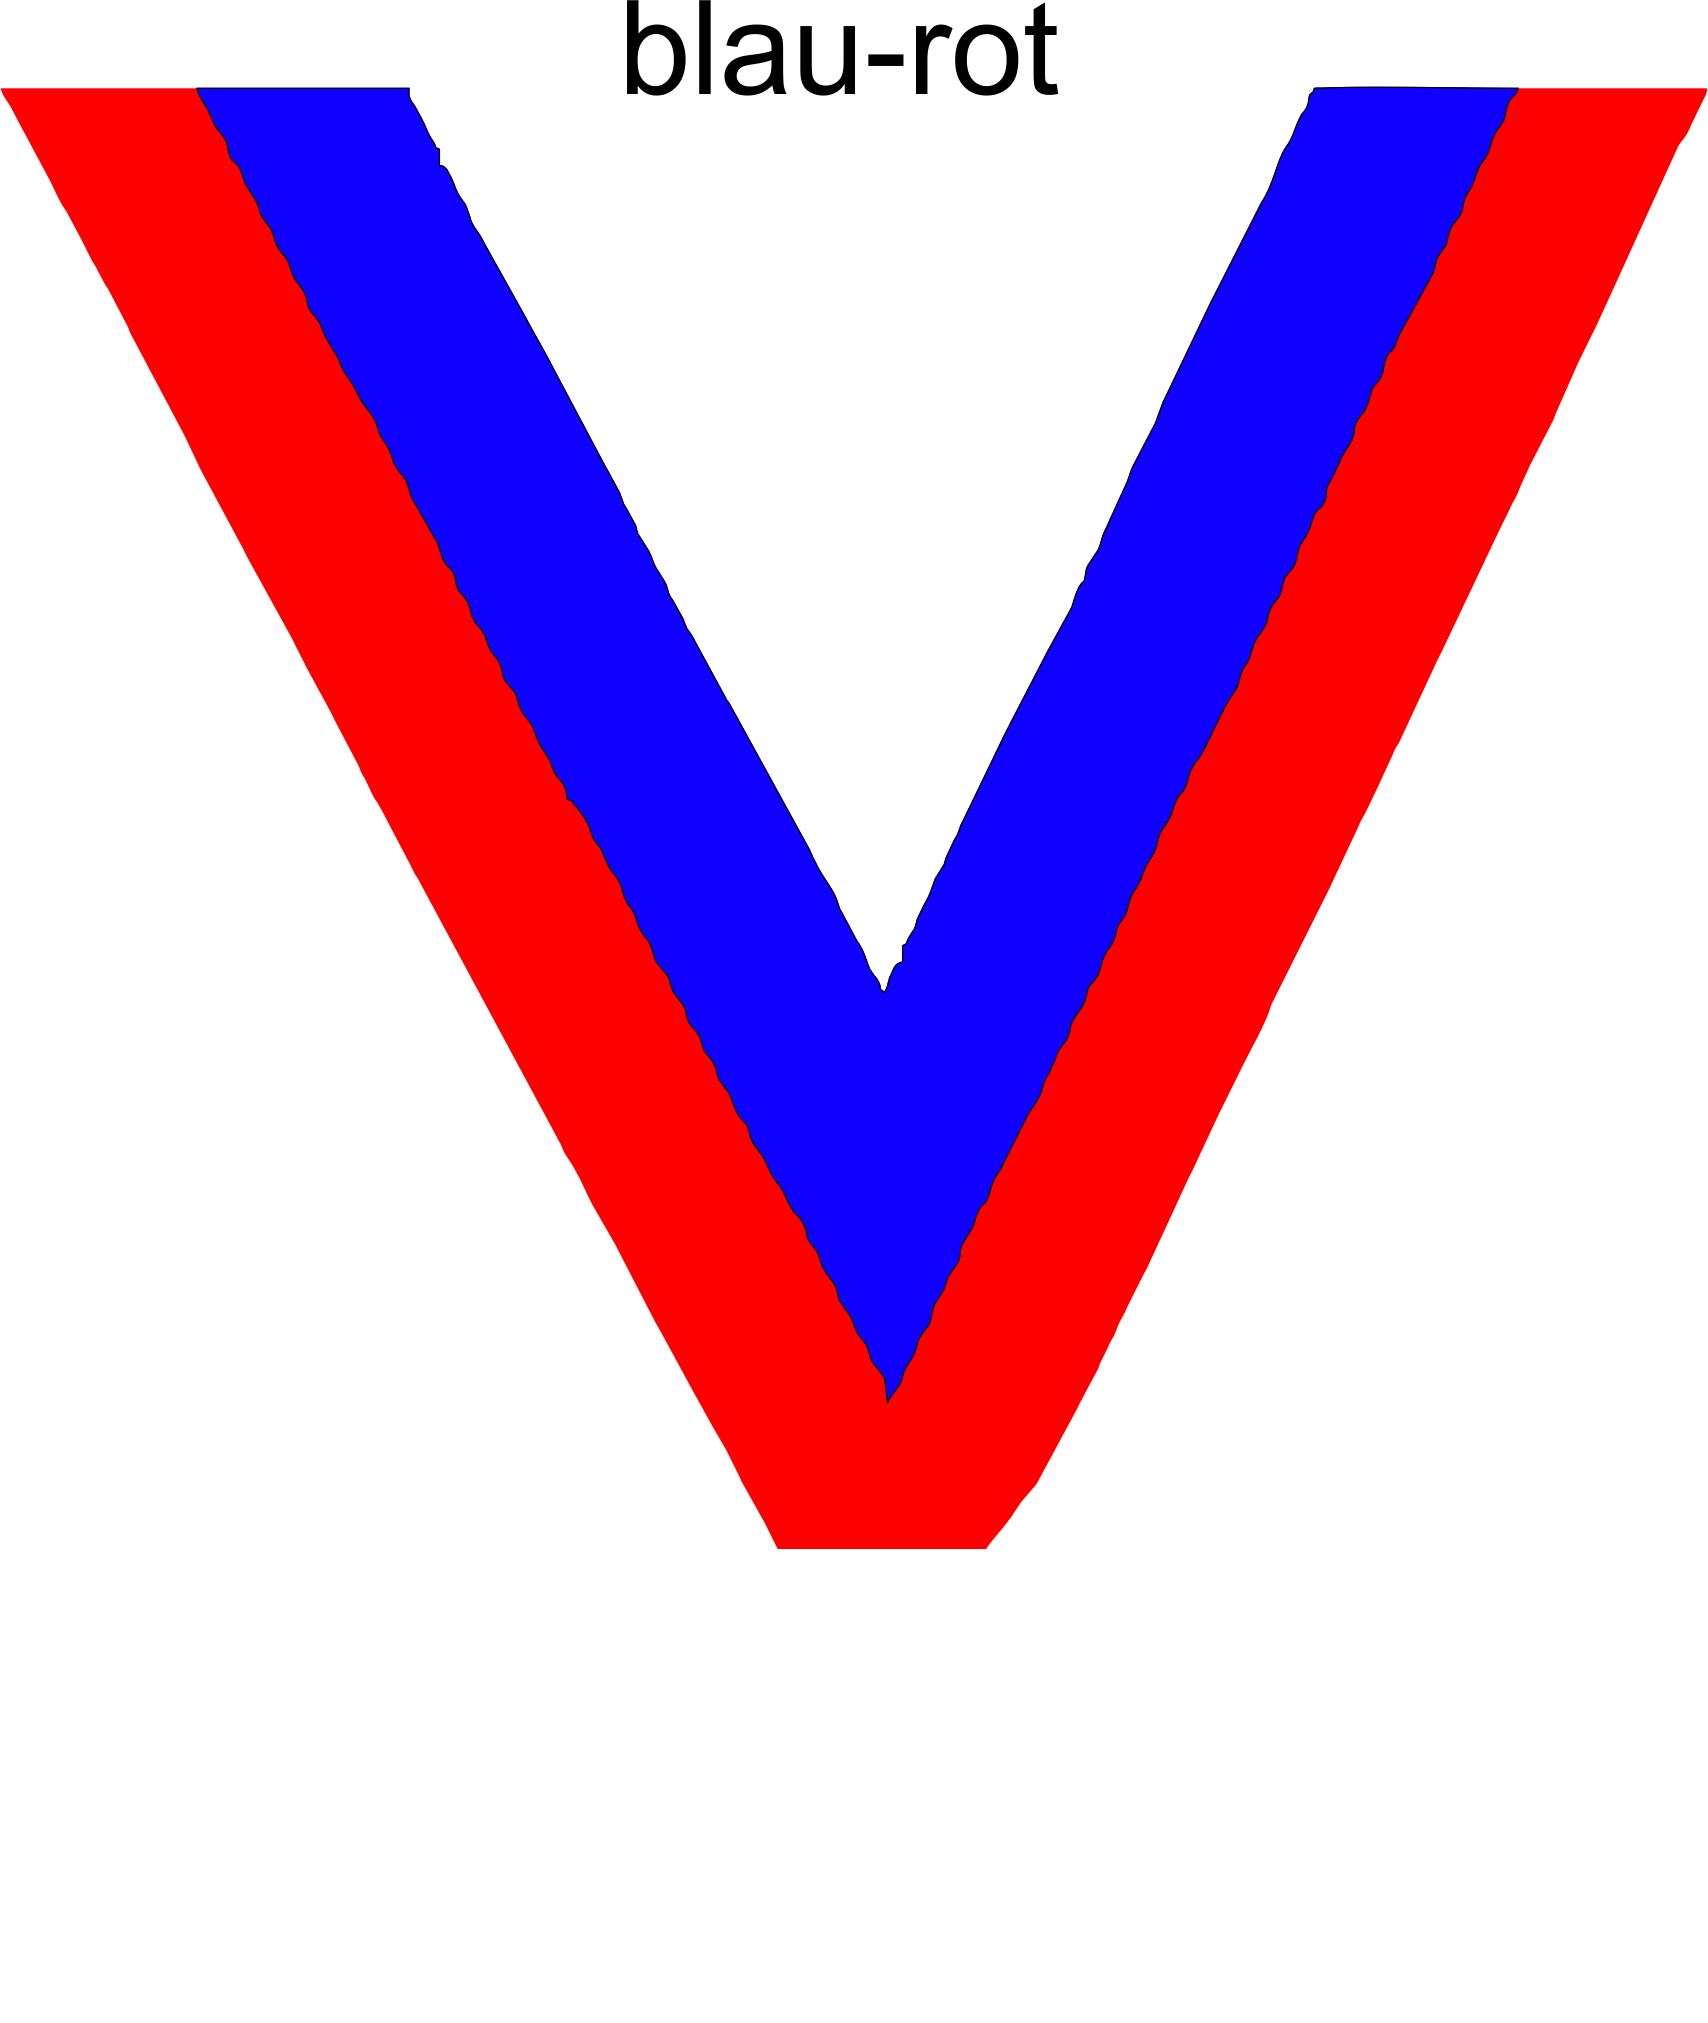 blau-rotx8k5nvamG546M